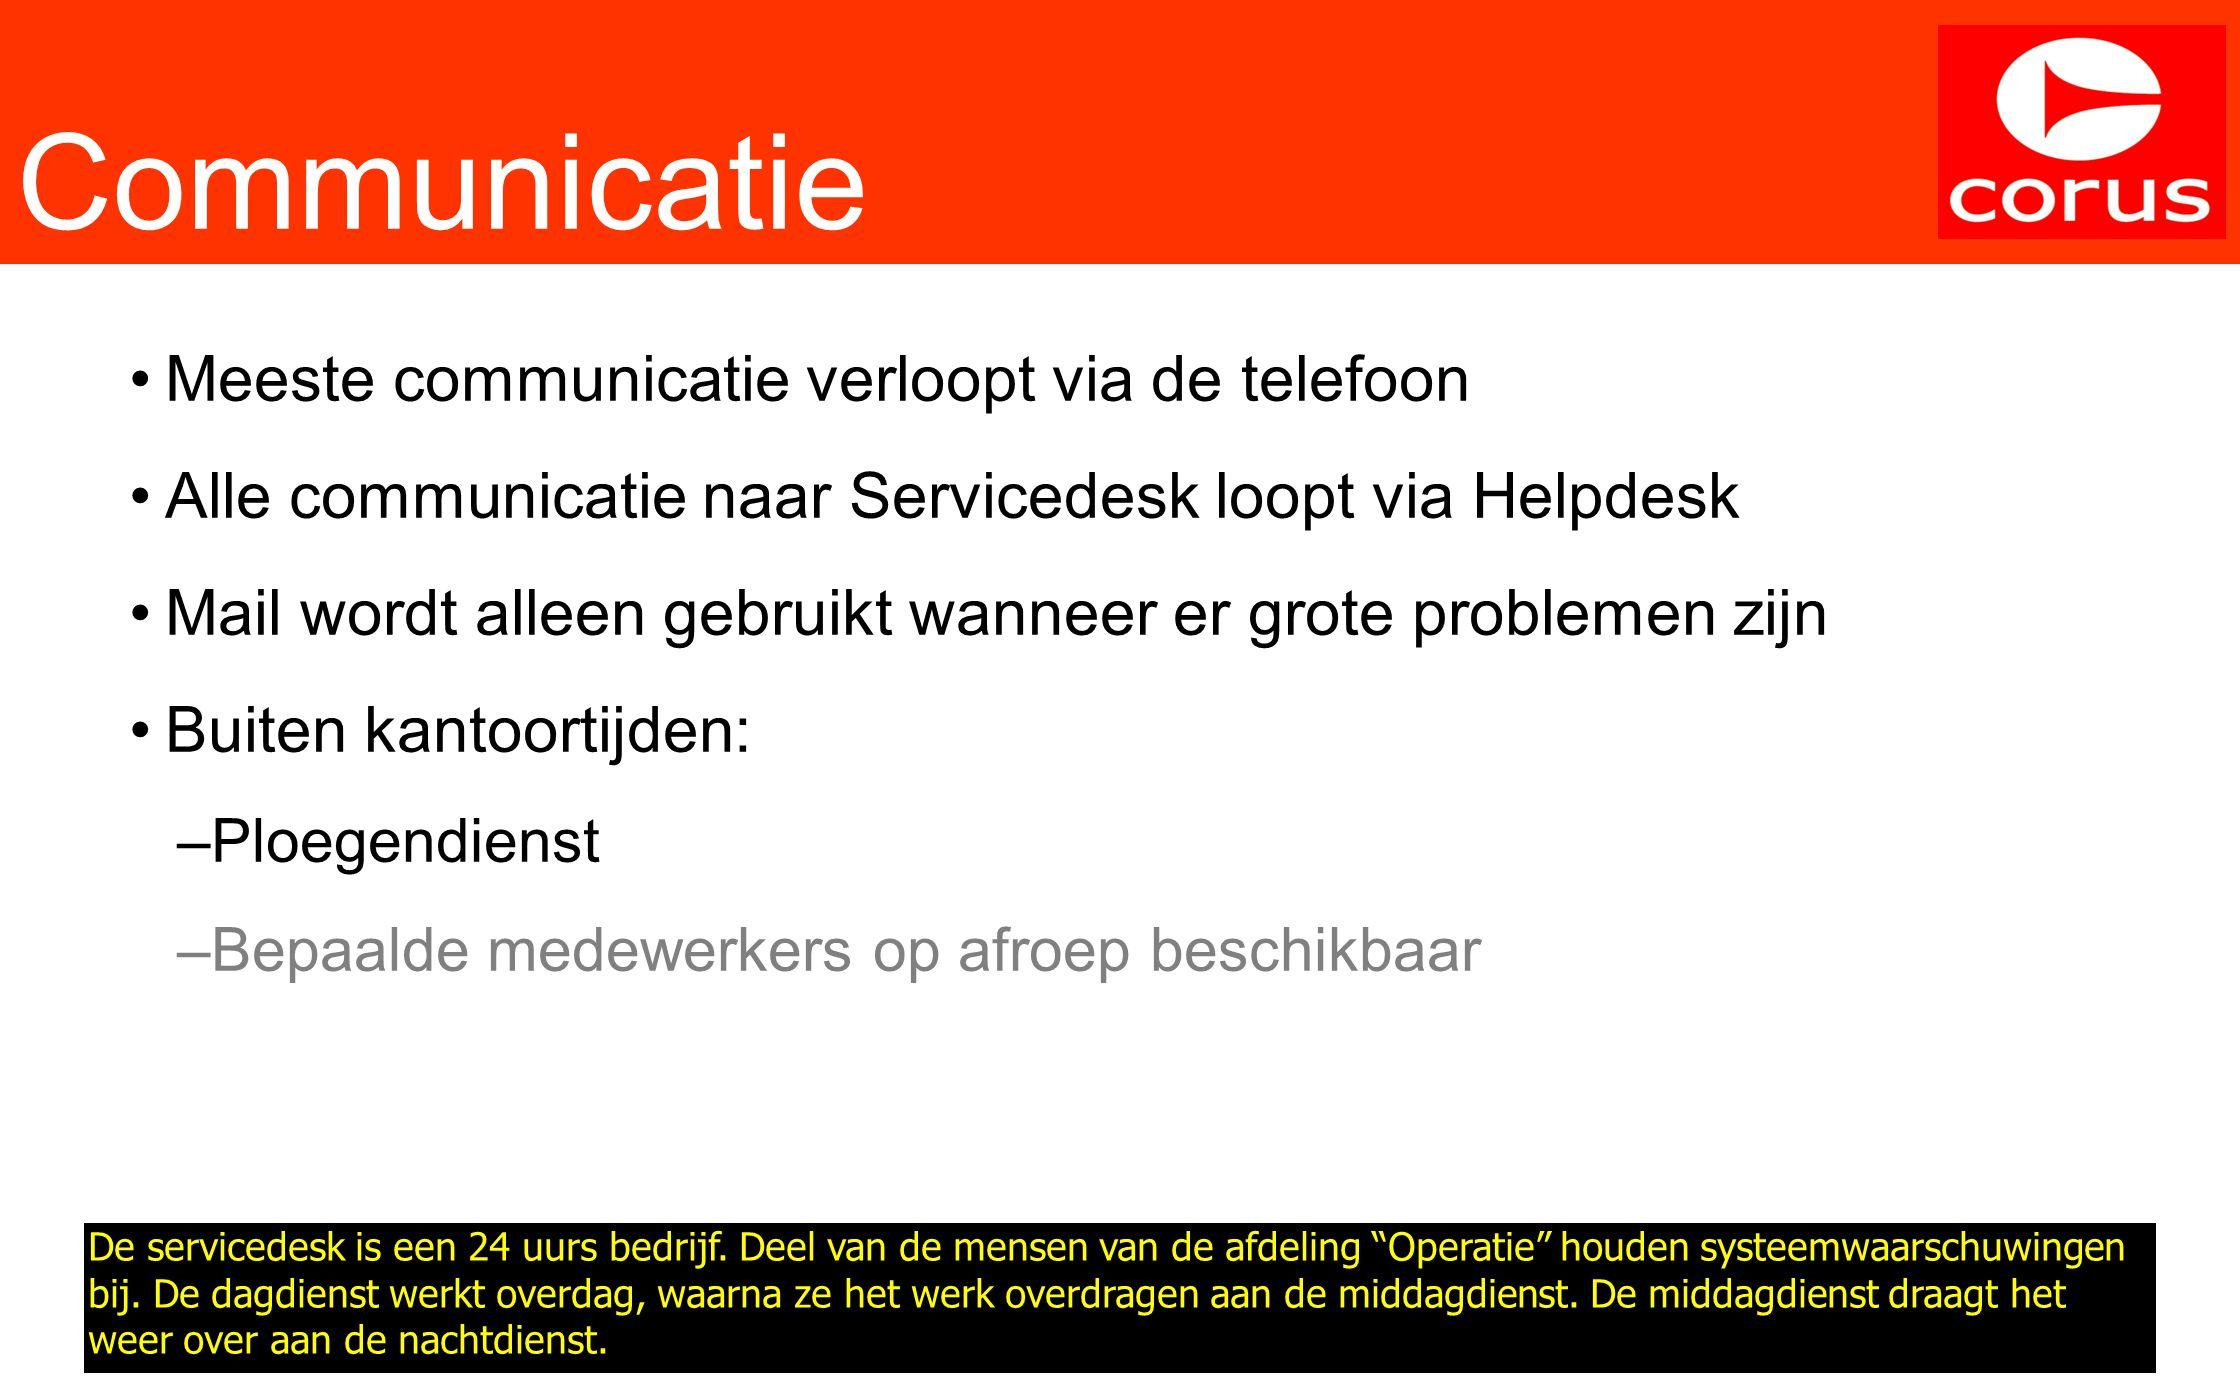 Communicatie Meeste communicatie verloopt via de telefoon Alle communicatie naar Servicedesk loopt via Helpdesk Mail wordt alleen gebruikt wanneer er